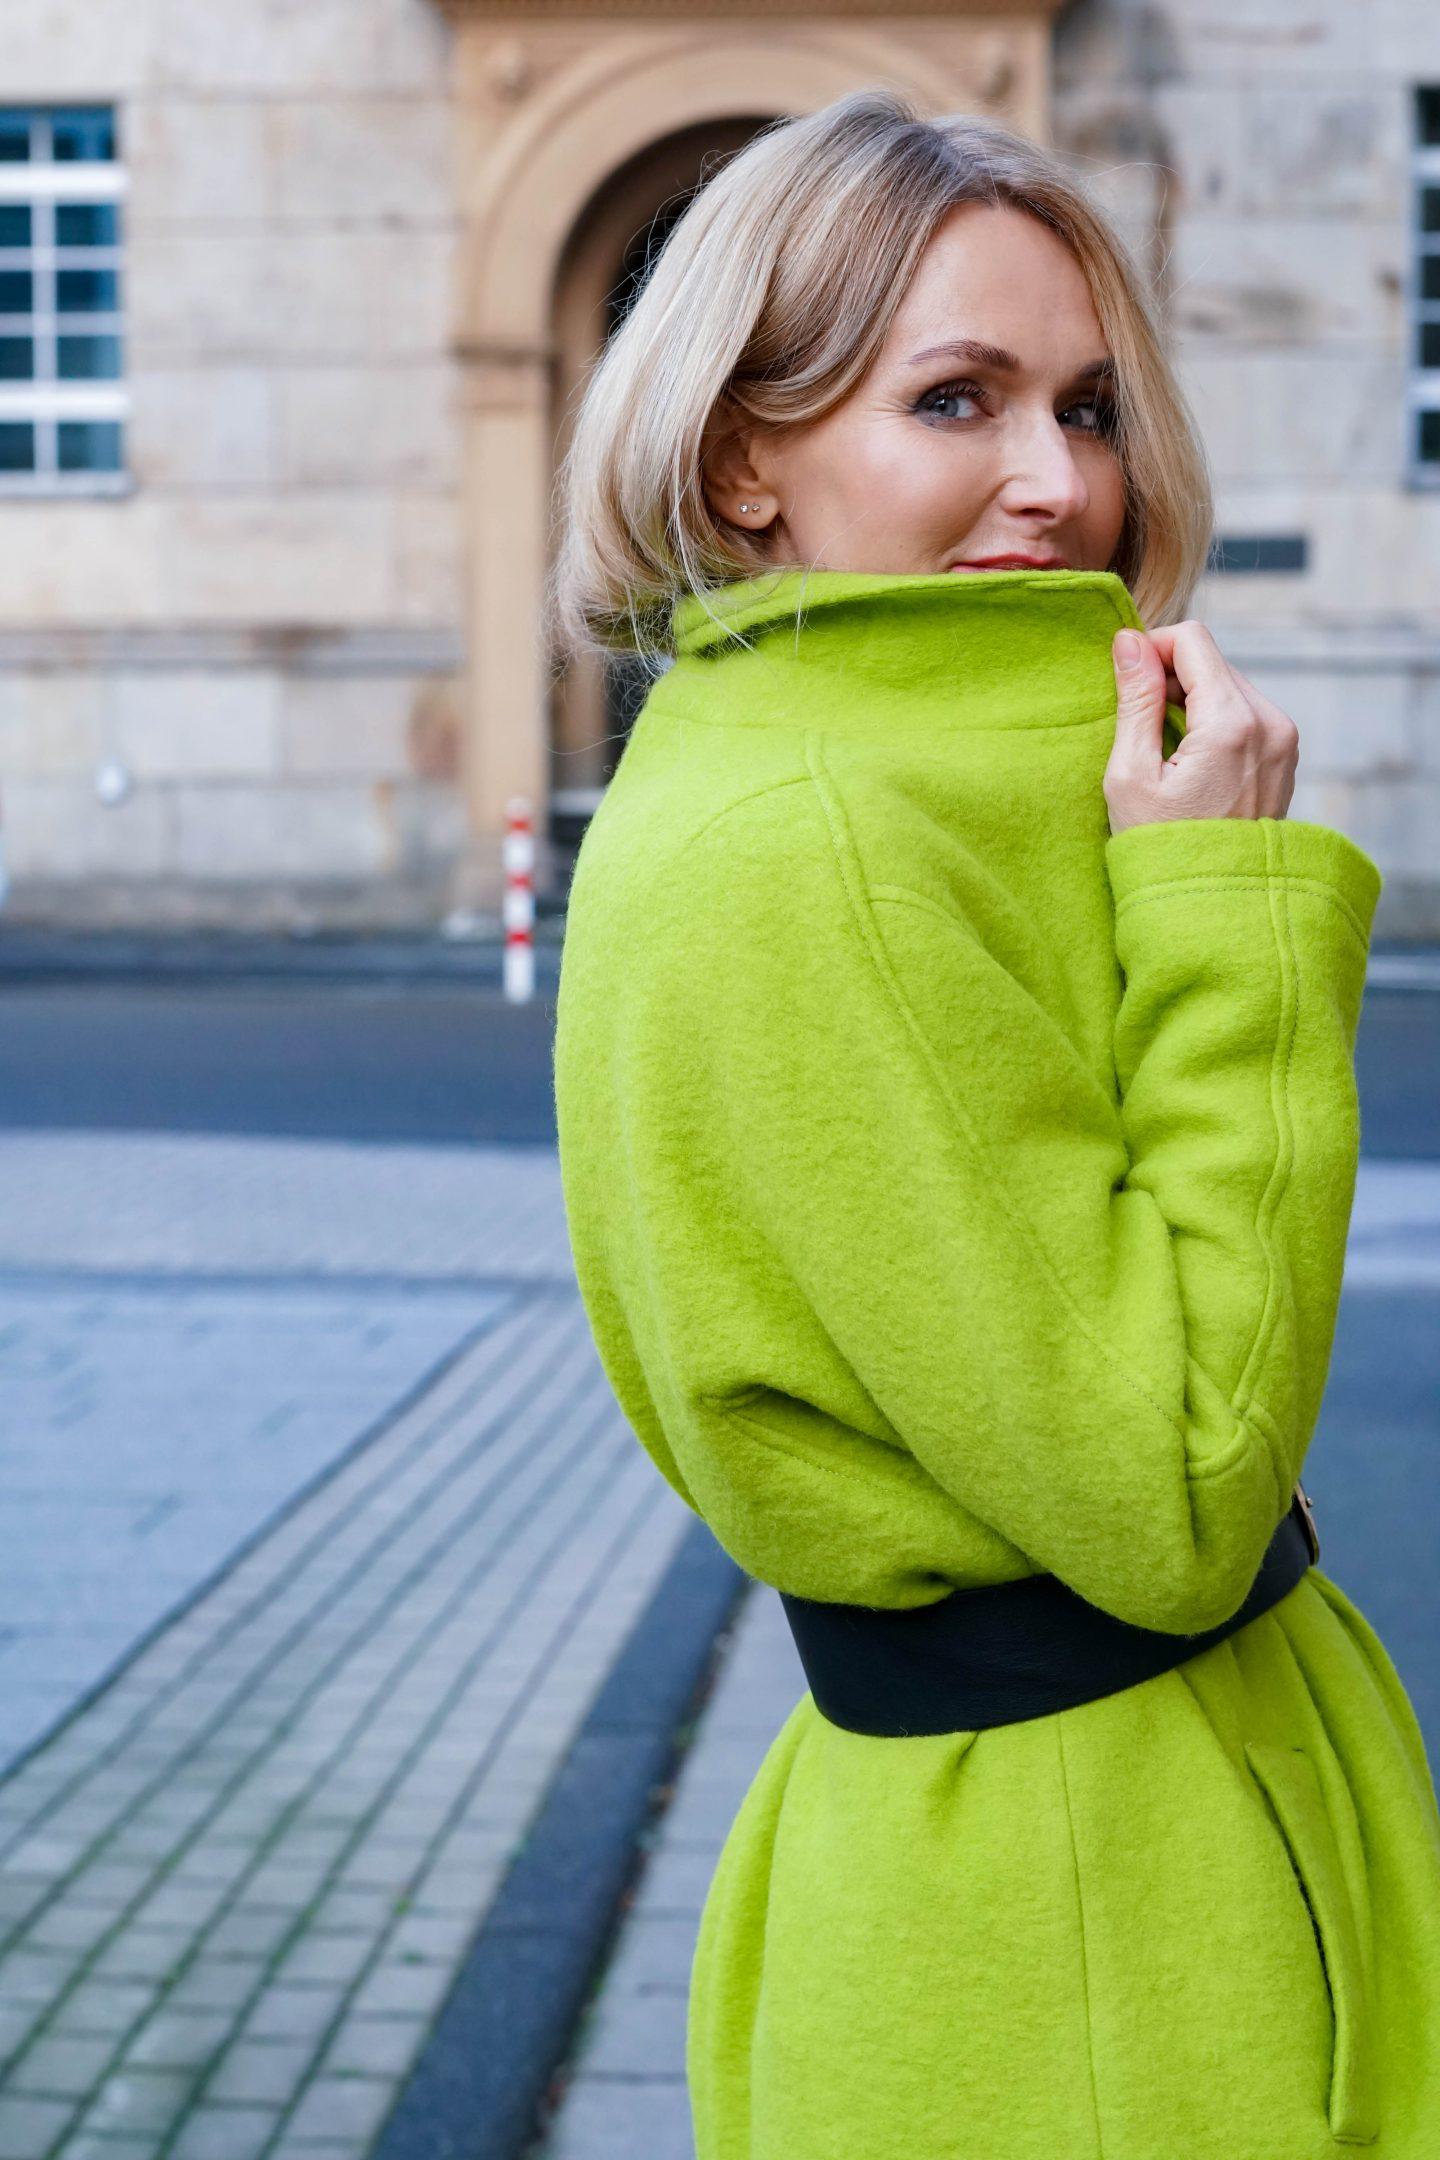 Nowshine ü40 Fashionblog-Mantel von Amy Vermont-WENZ